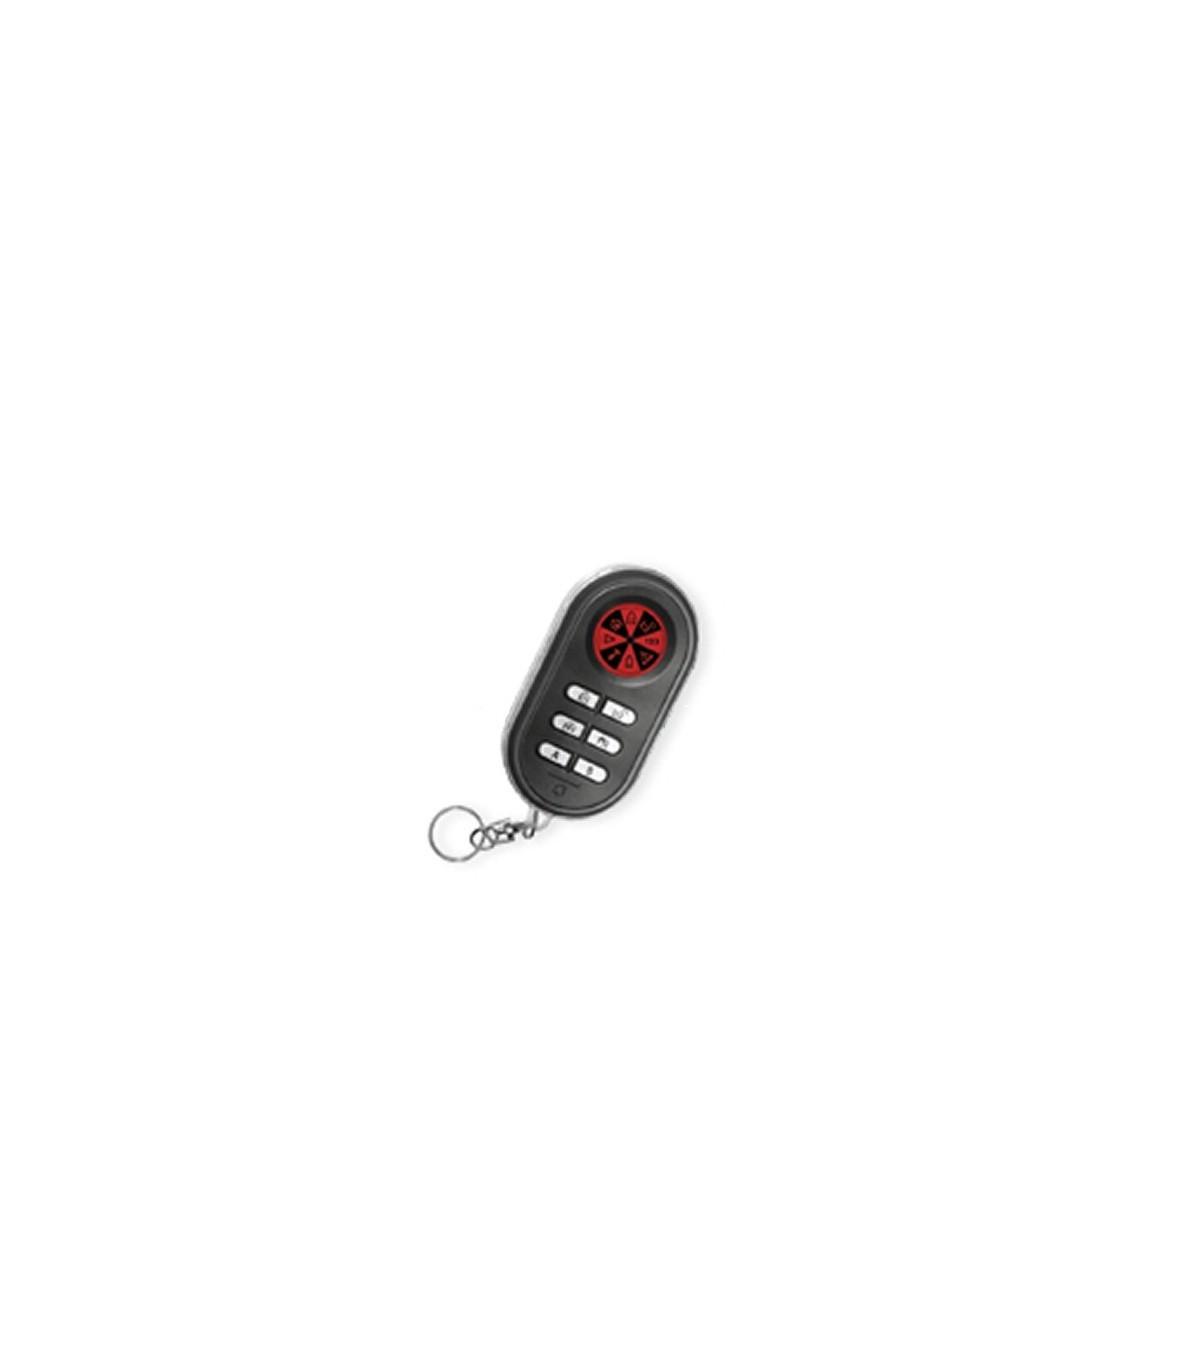 Alarme Visonic T/él/écommande MCT234 4 boutons 868MHz